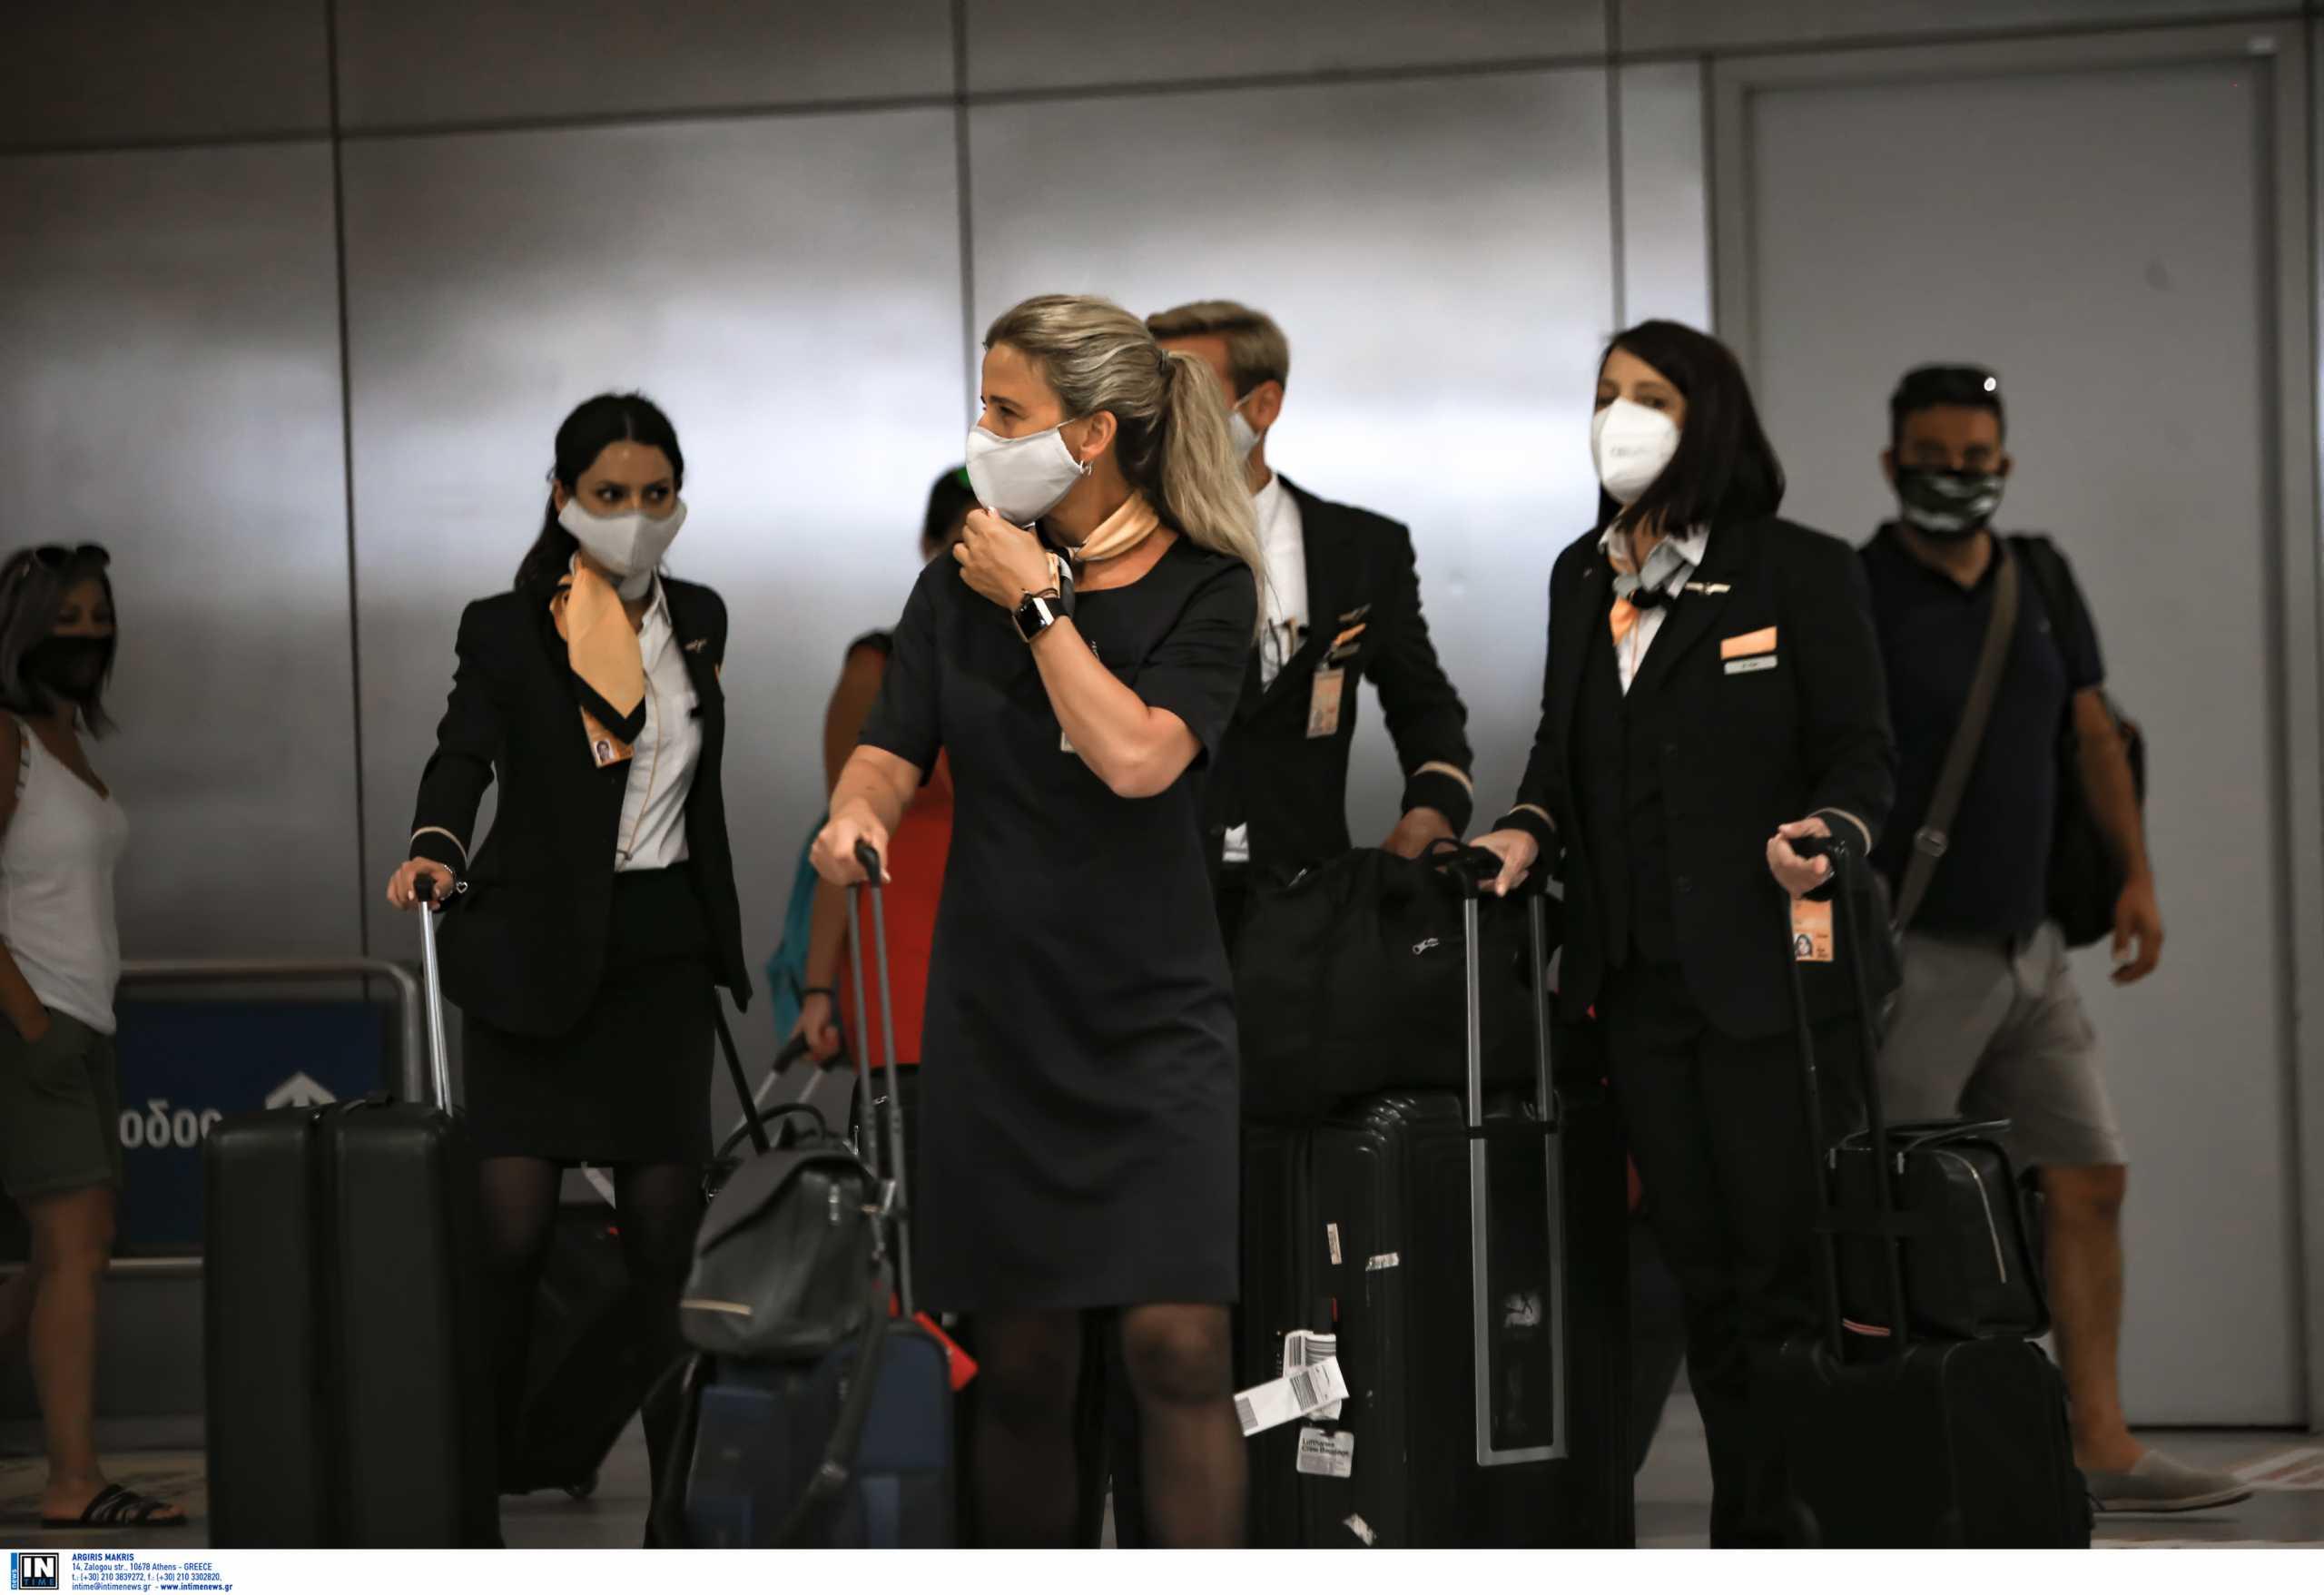 ΕΕ: Έτσι θα γίνονται τα ταξίδια από και προς Ευρώπη για τους εμβολιασμένους